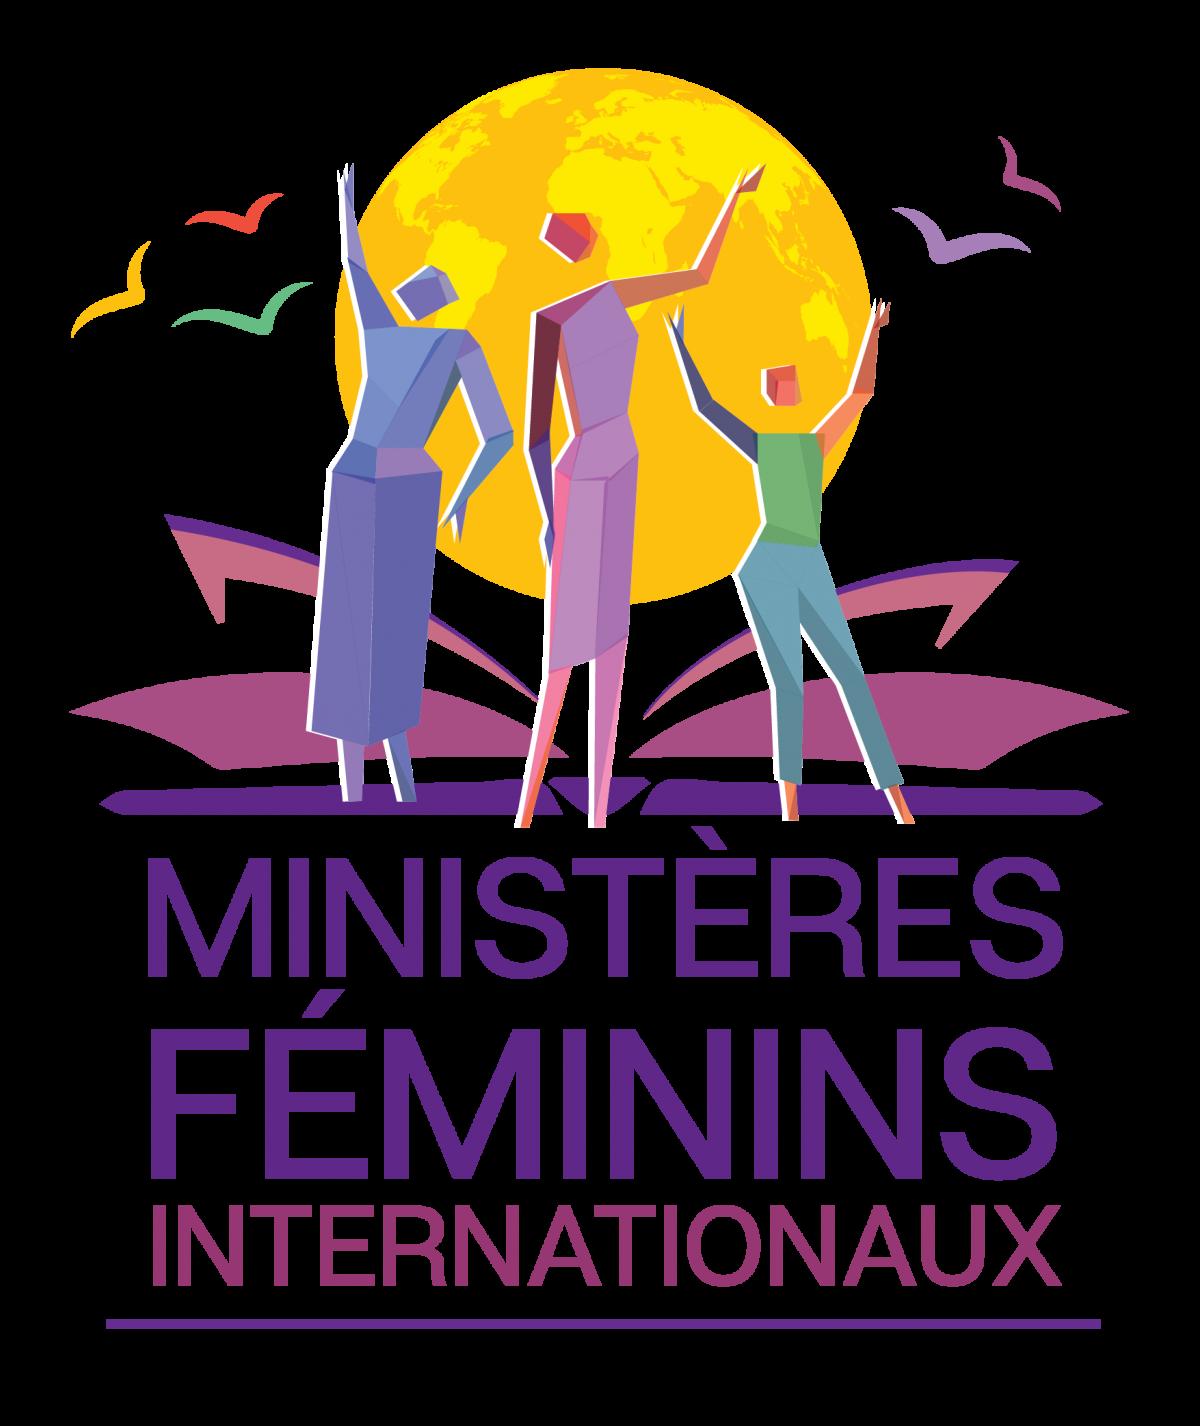 Le nouveau logo des Ministères Féminins internationaux